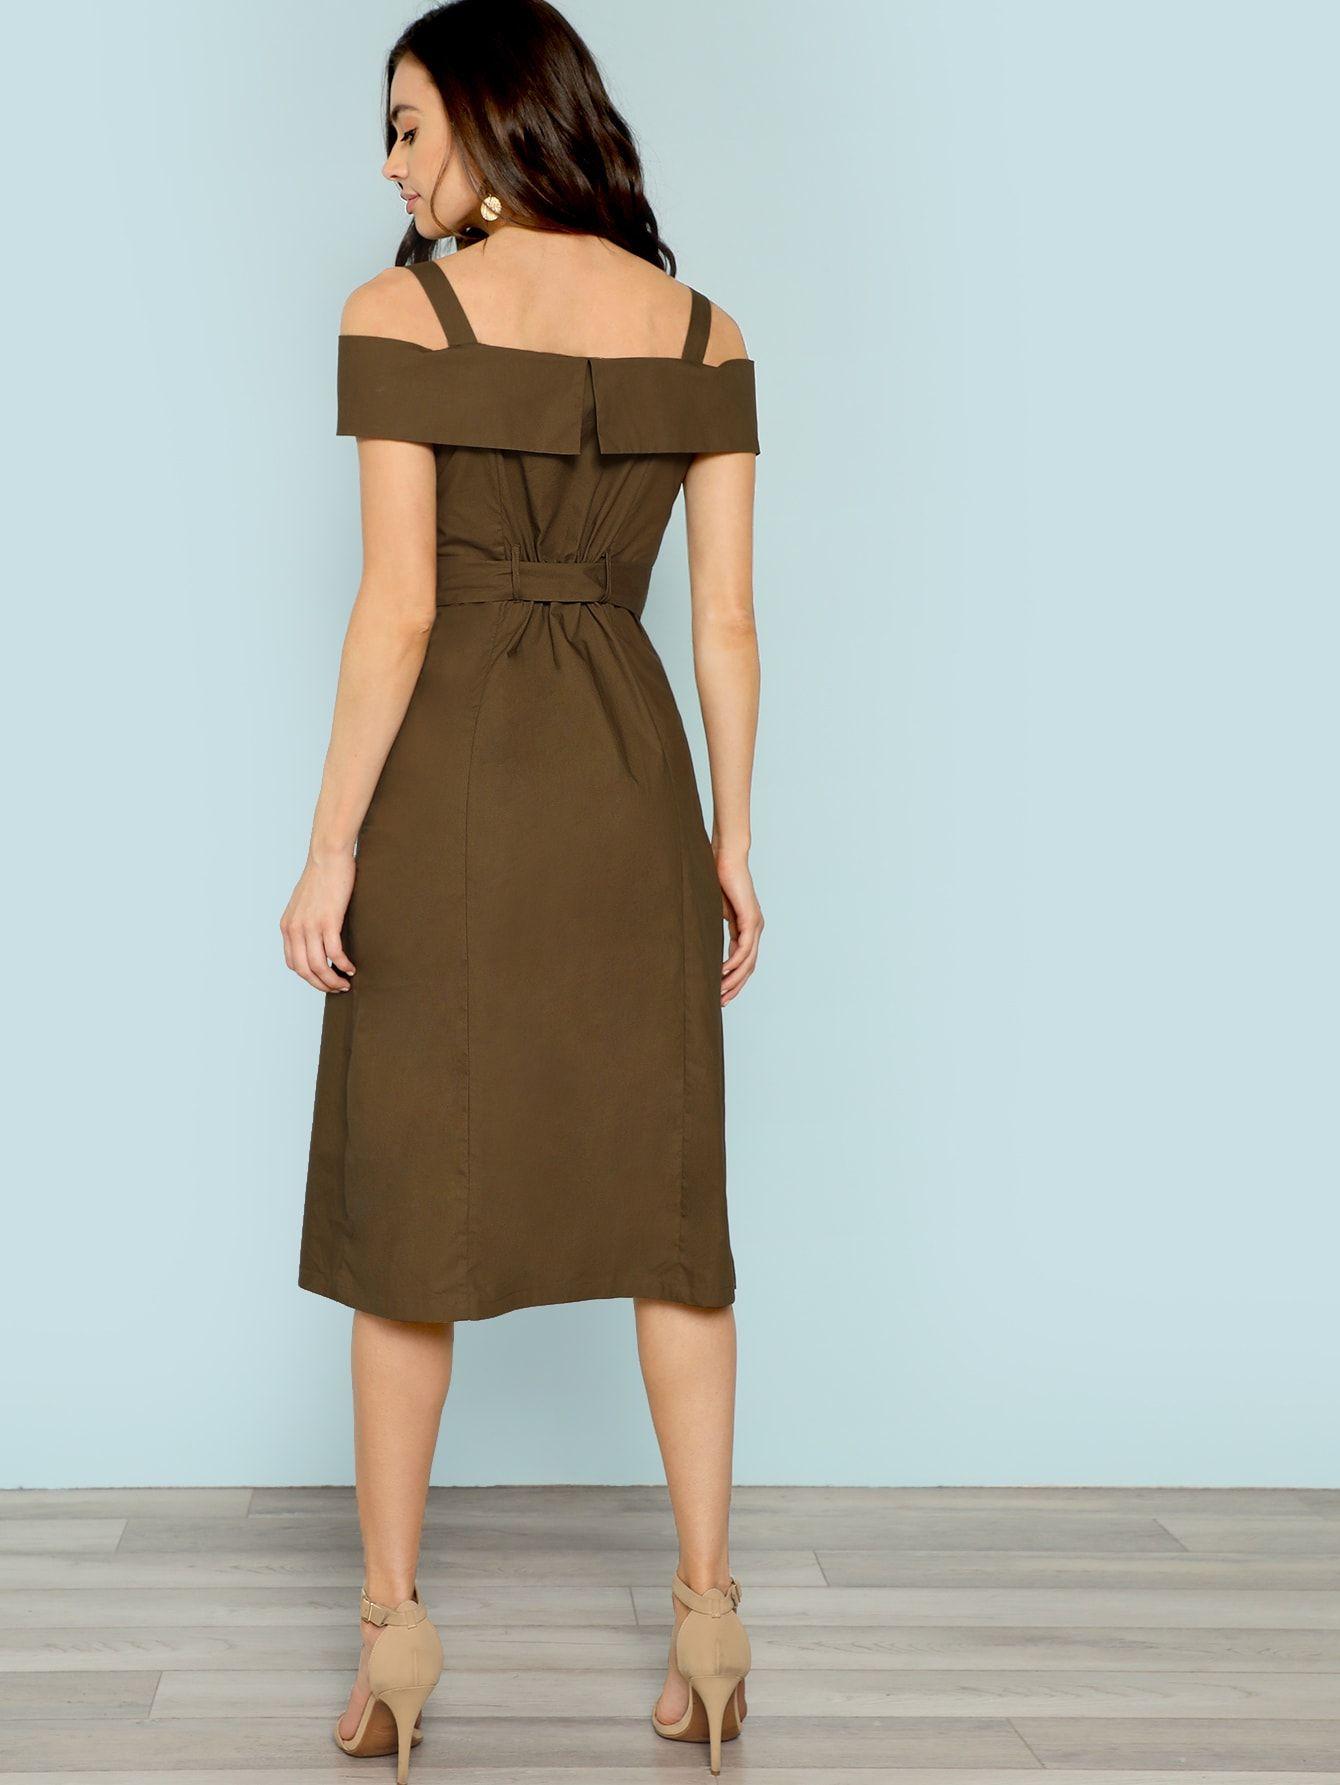 94b41c0d031802 Cold Shoulder Belted Trench Dress -SheIn(Sheinside)